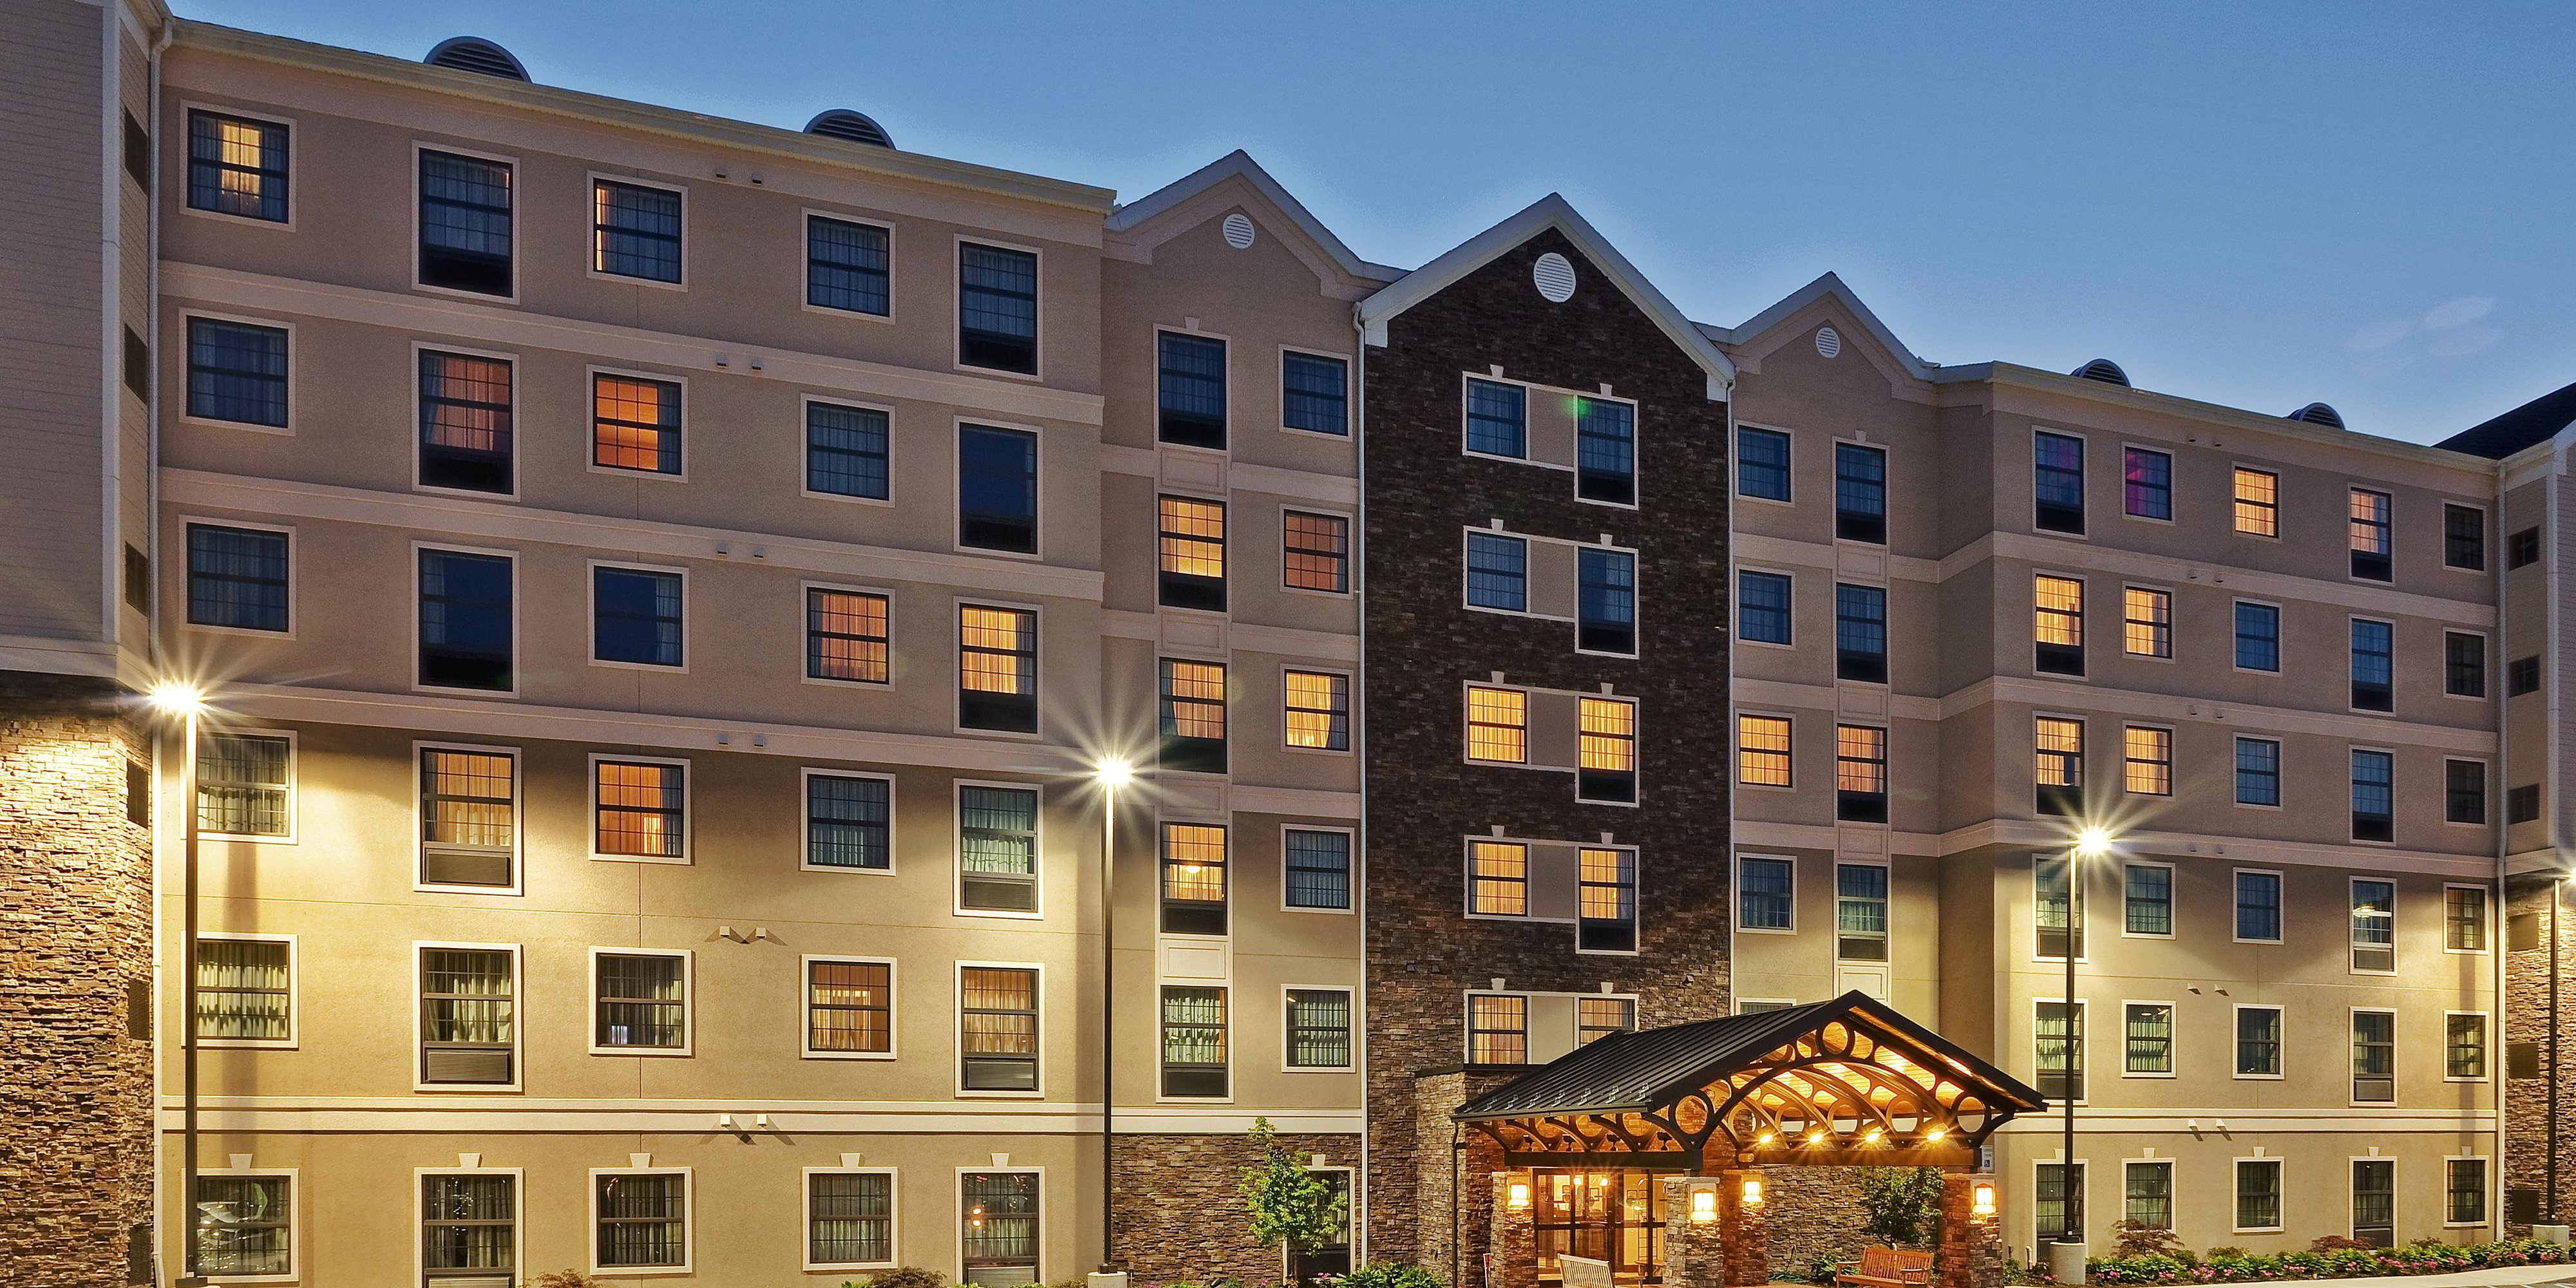 Staybridge Suites Buffalo West Seneca Lake Erie Hotels